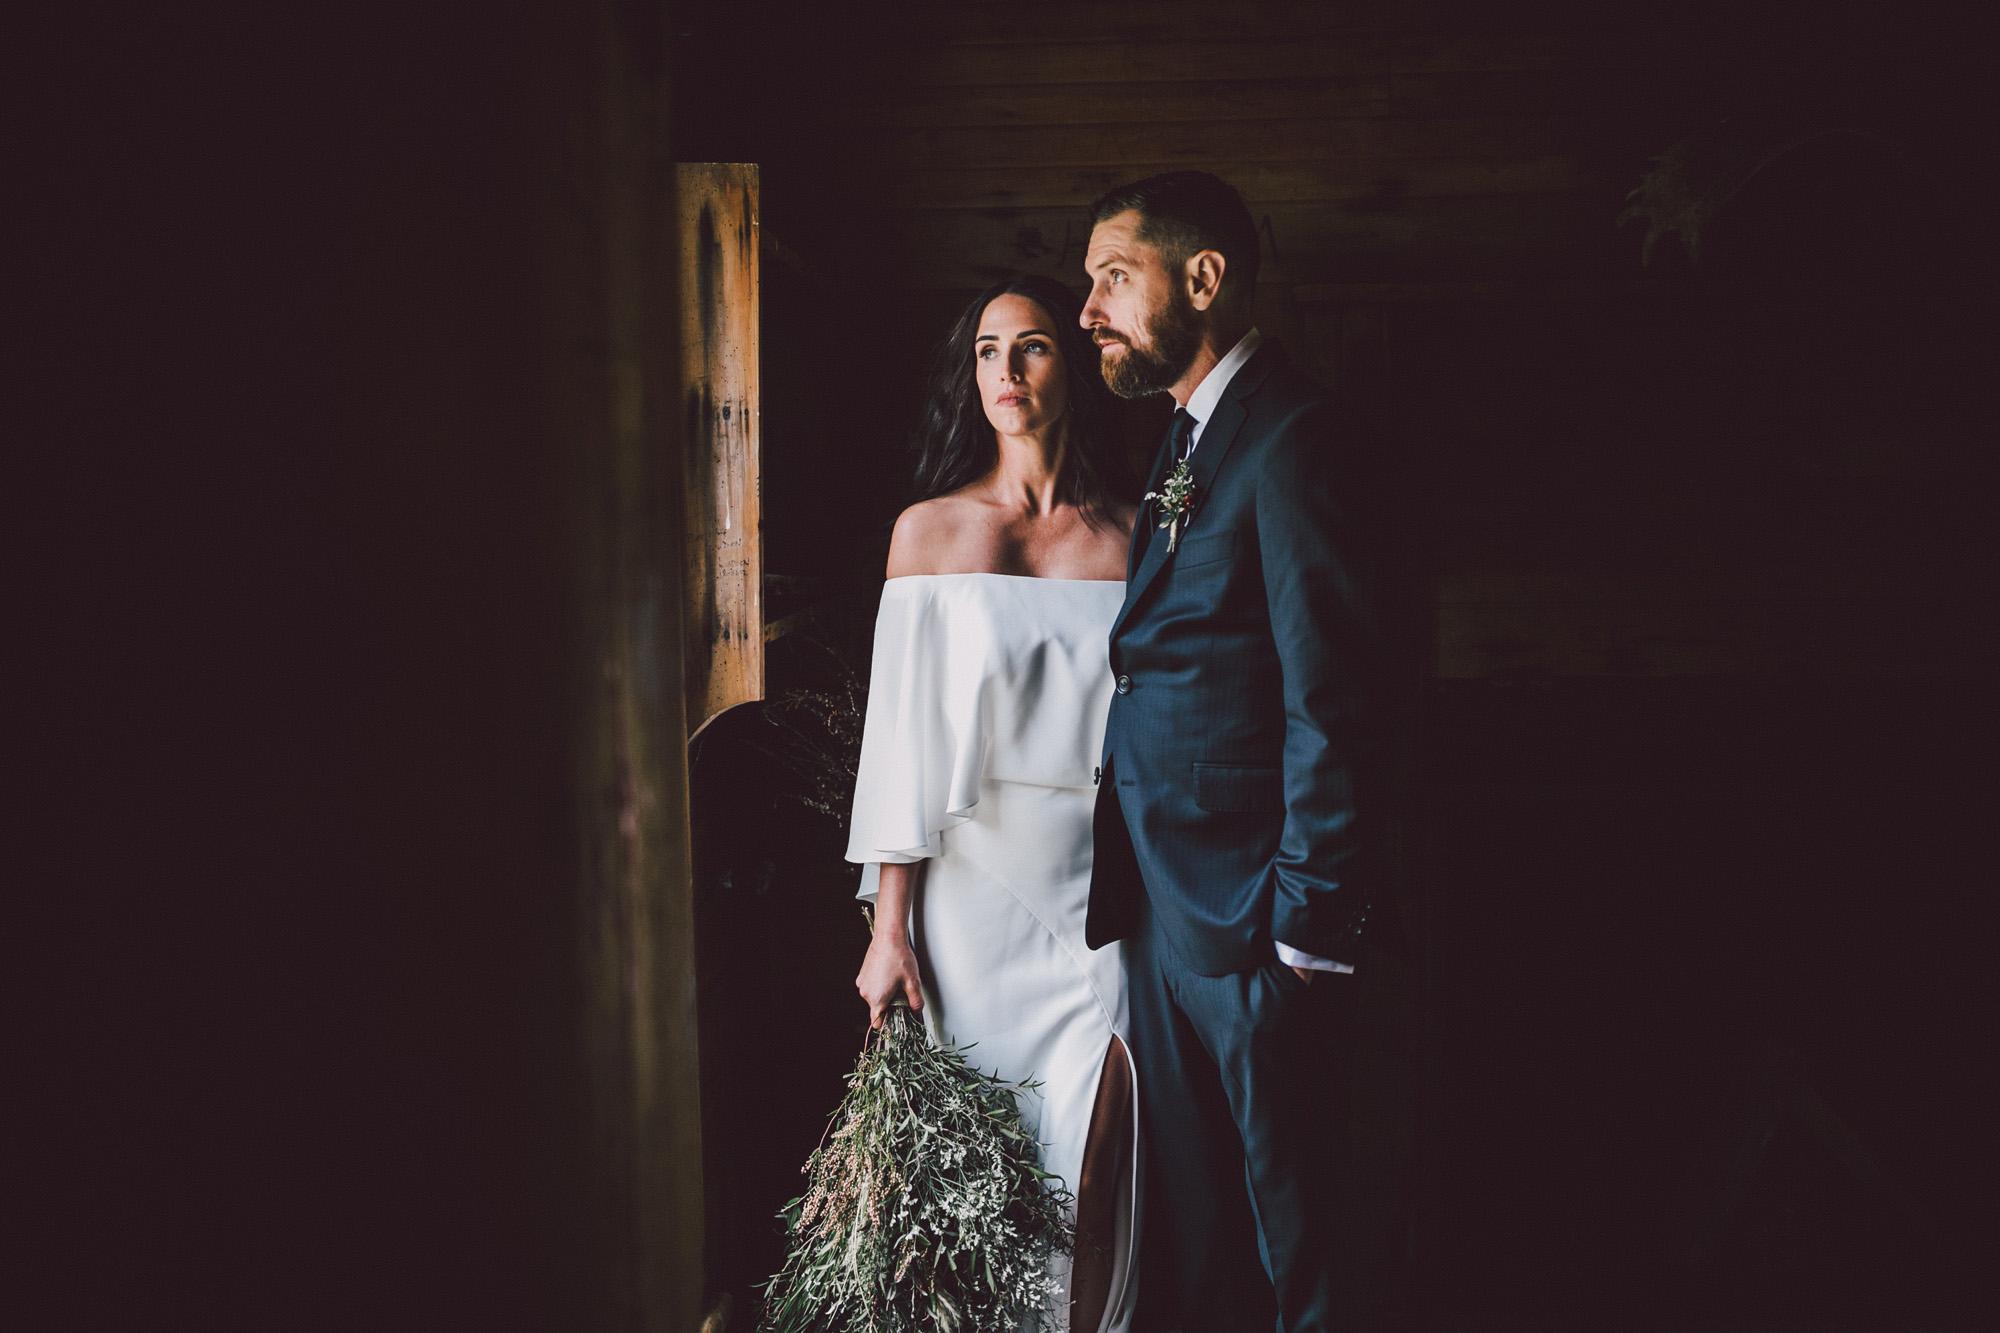 Poronui_Wedding_Sarah_McEvoy_099.jpg